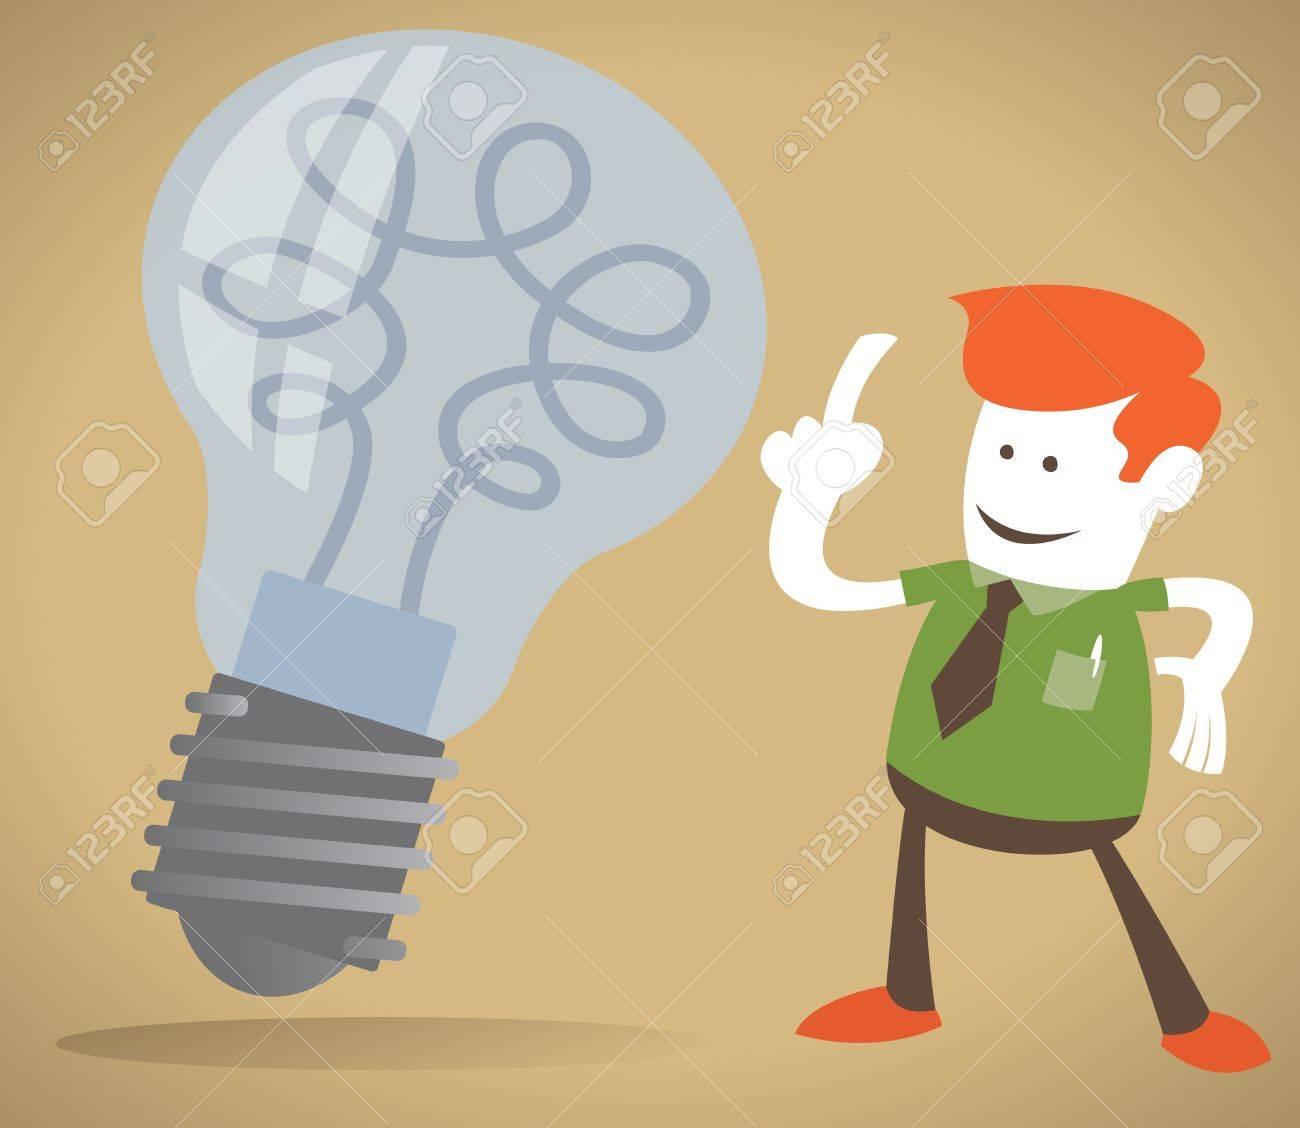 Retro Corporate Guy has a bright idea Stock Vector - 12496288